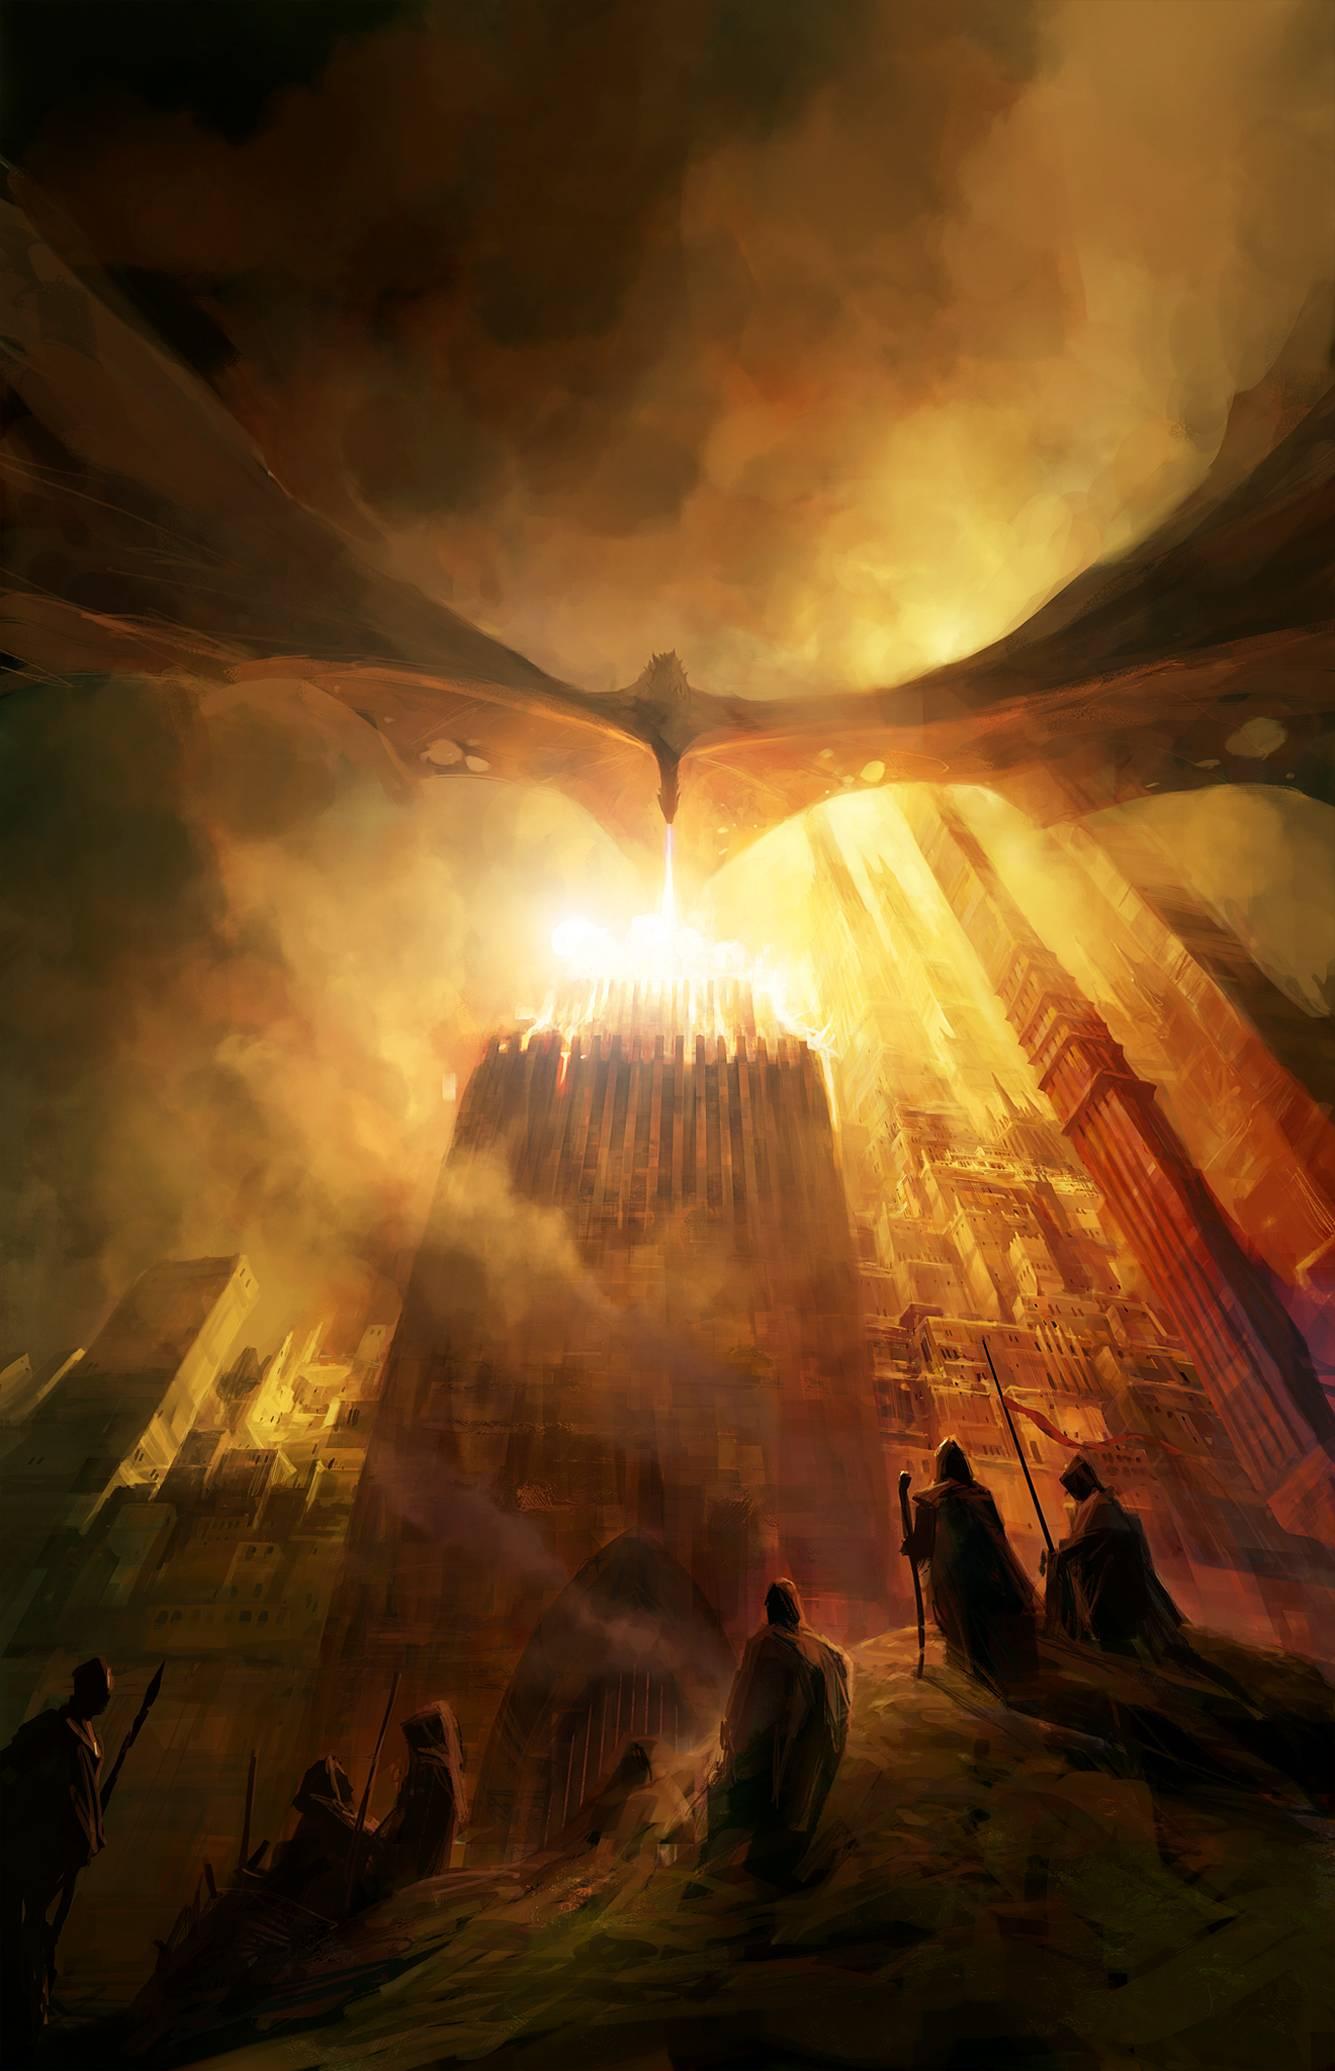 Джордж Мартин «Пламя и кровь. Том 1. Кровь драконов»